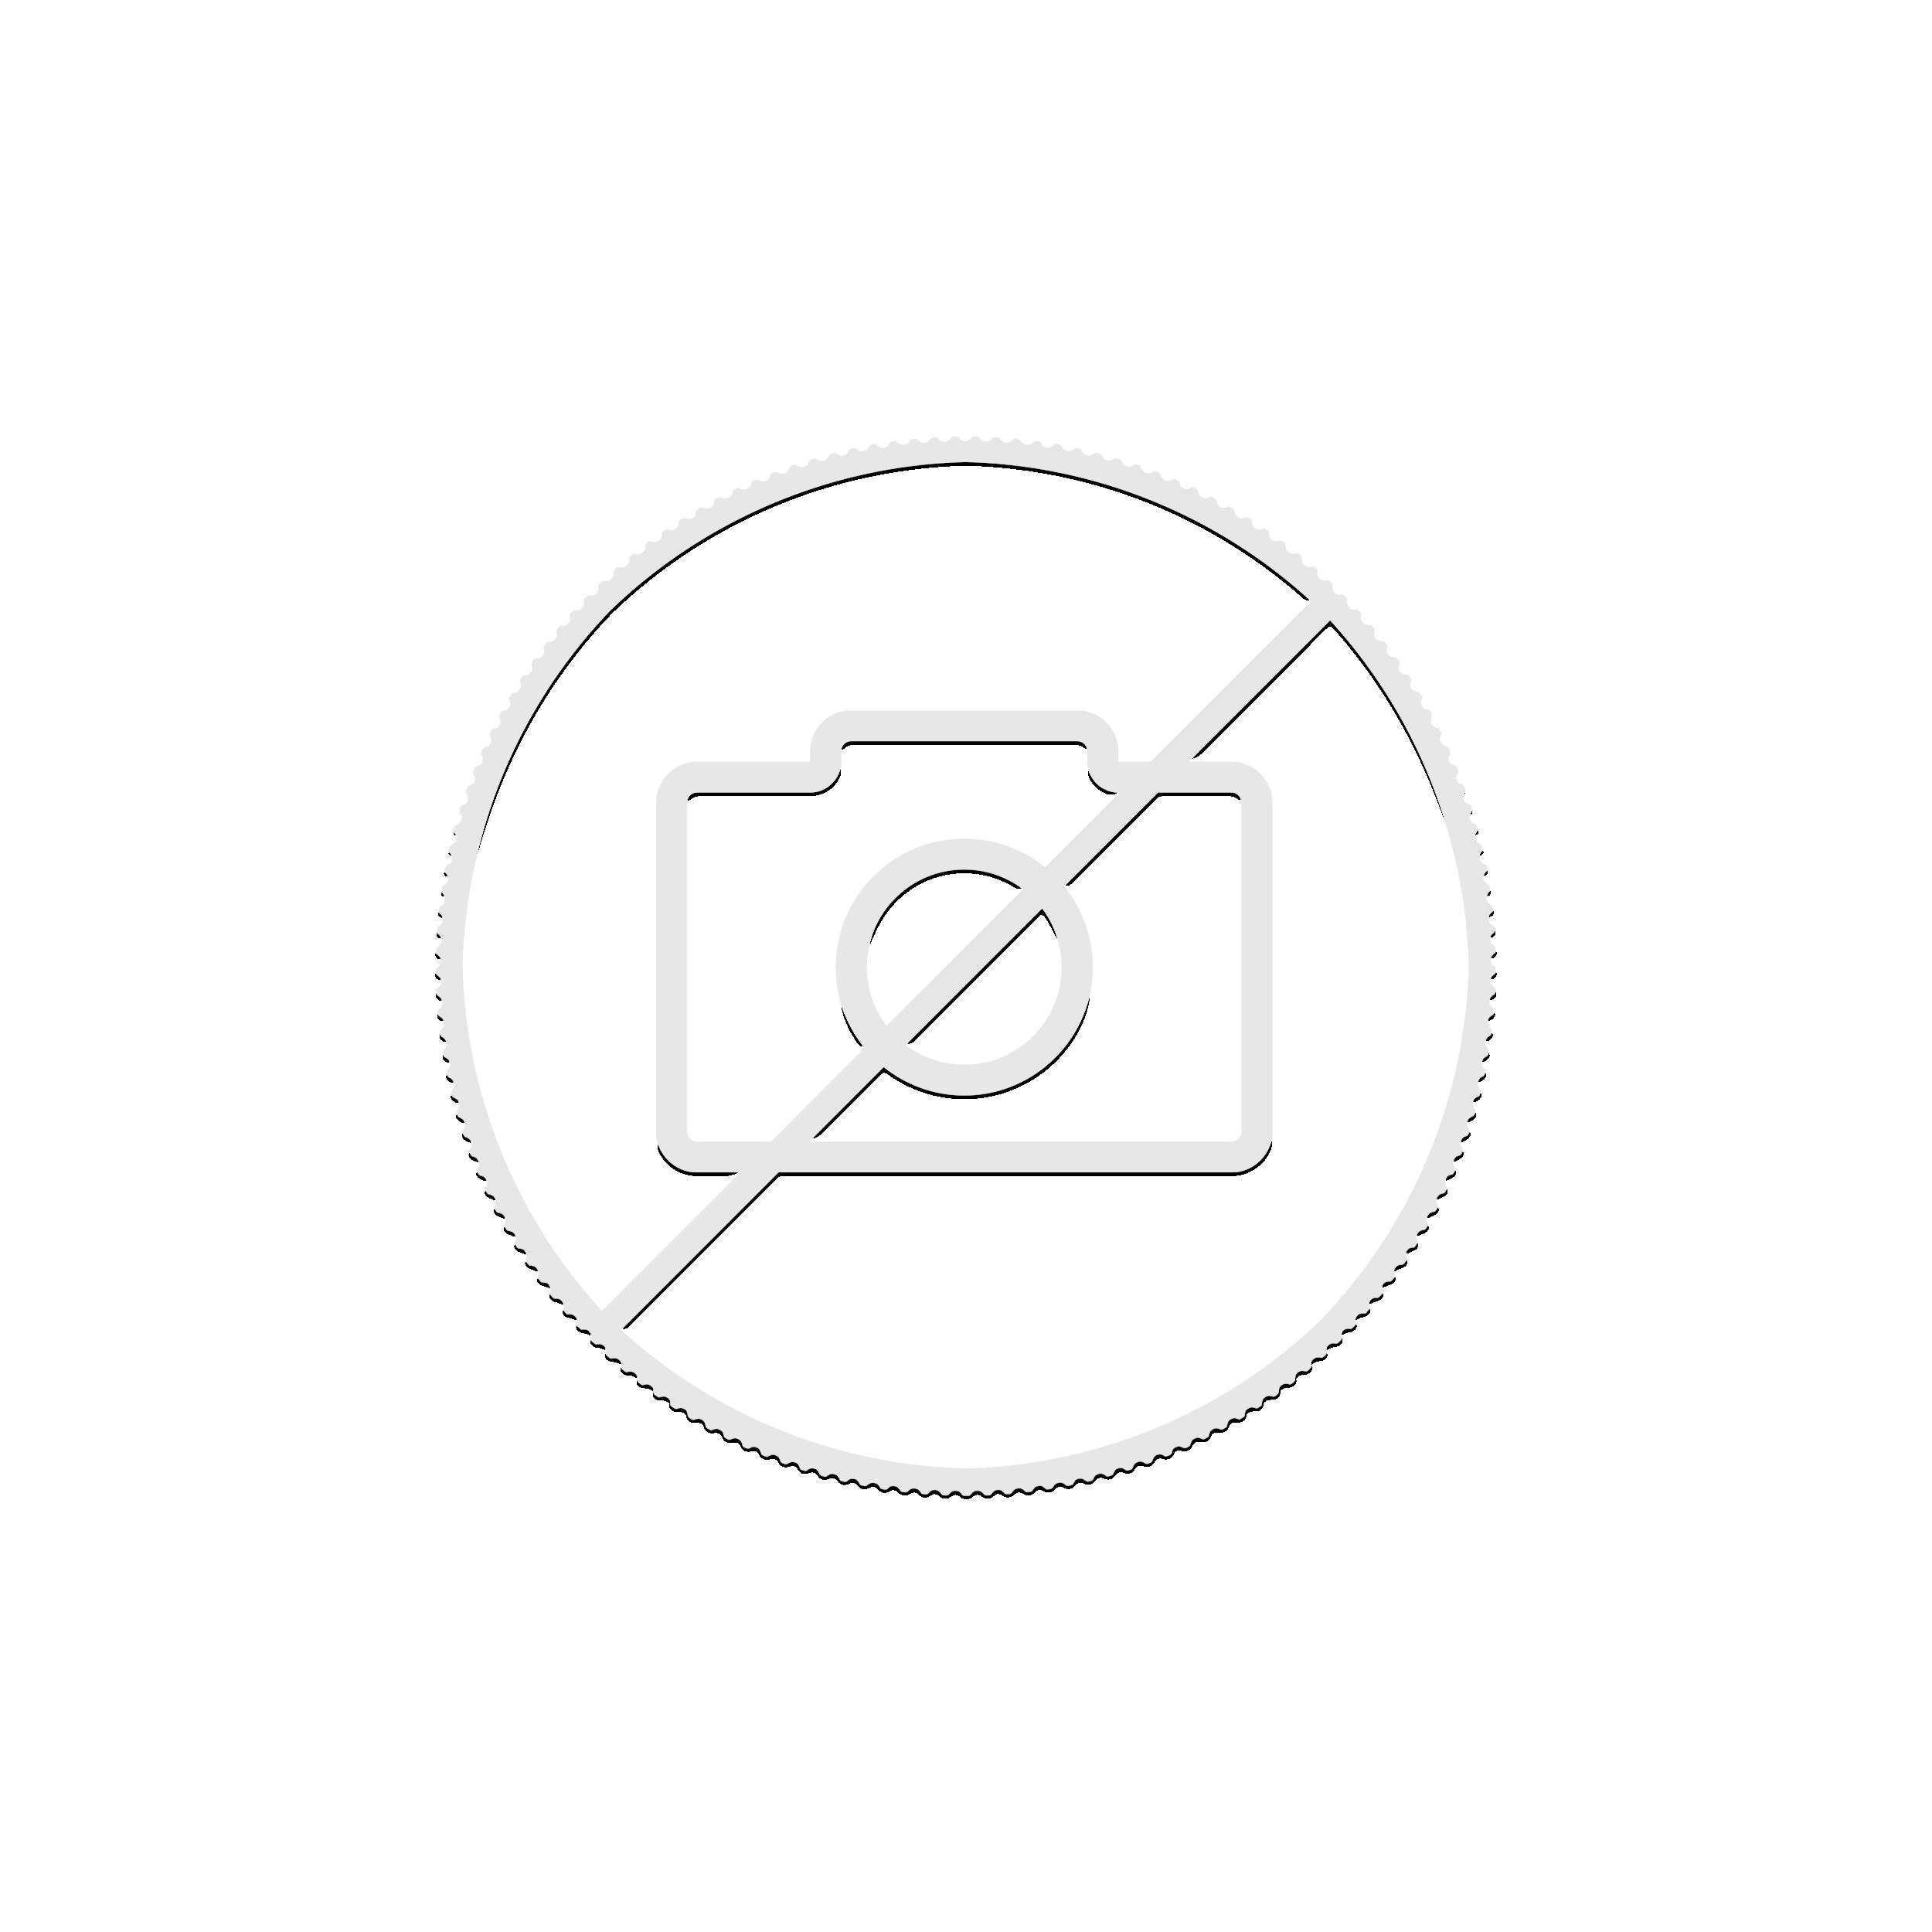 3 Grams gold Panda coin 2018